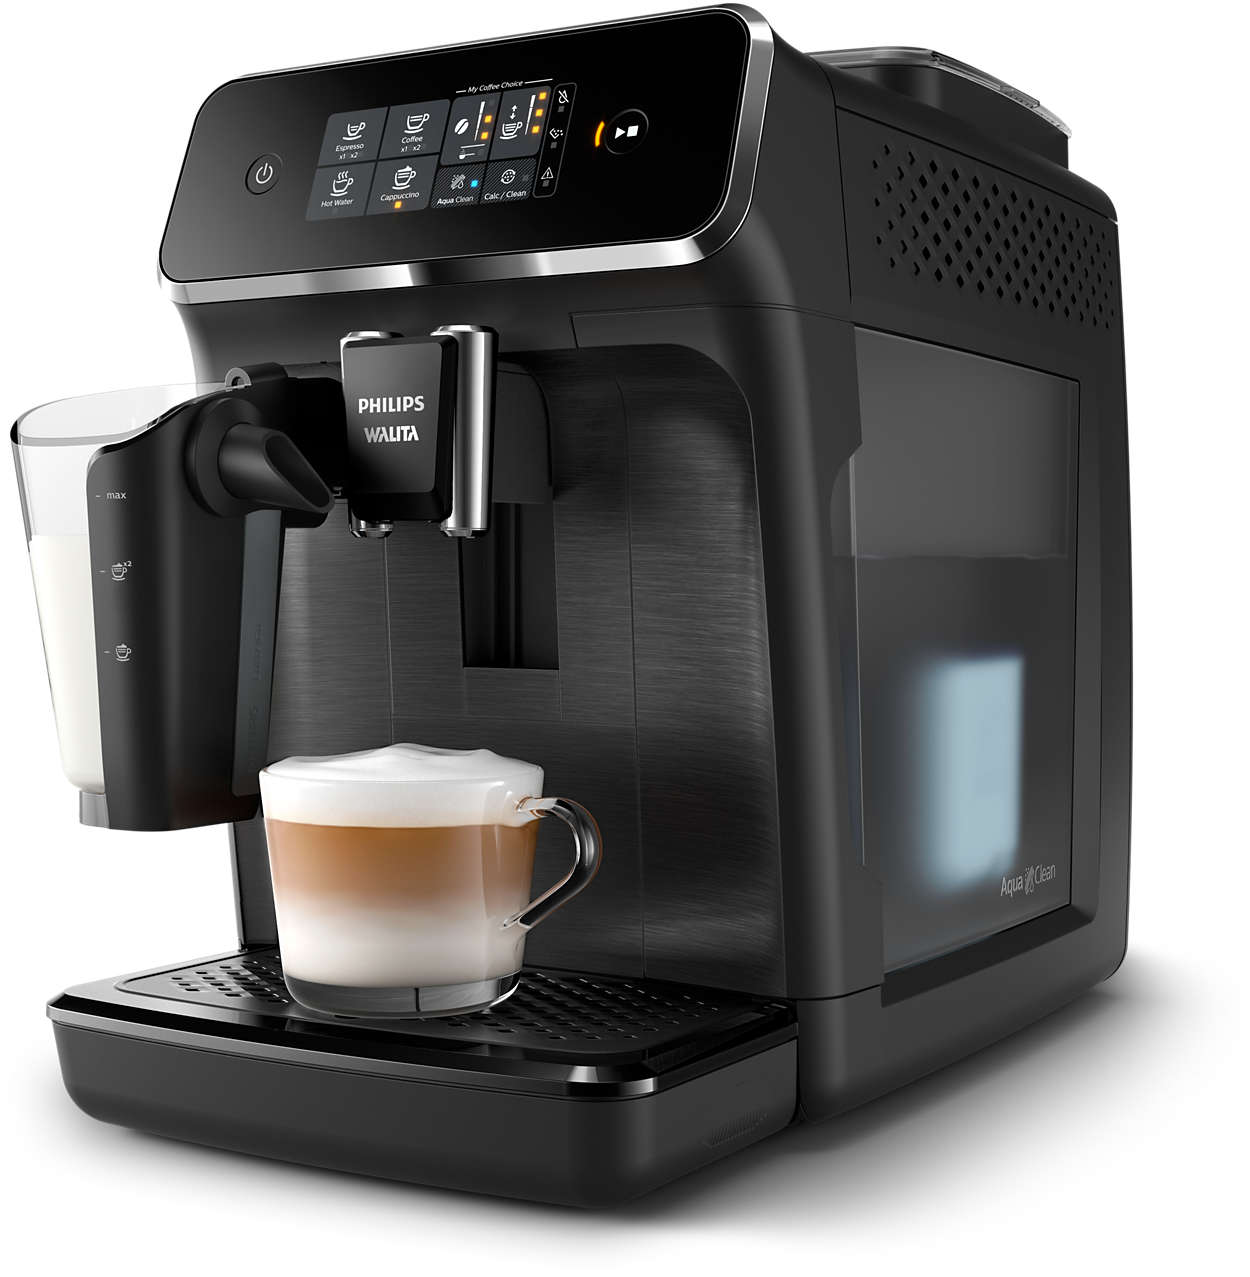 3 deliciosos grãos de café frescos, mais fácil do que nunca